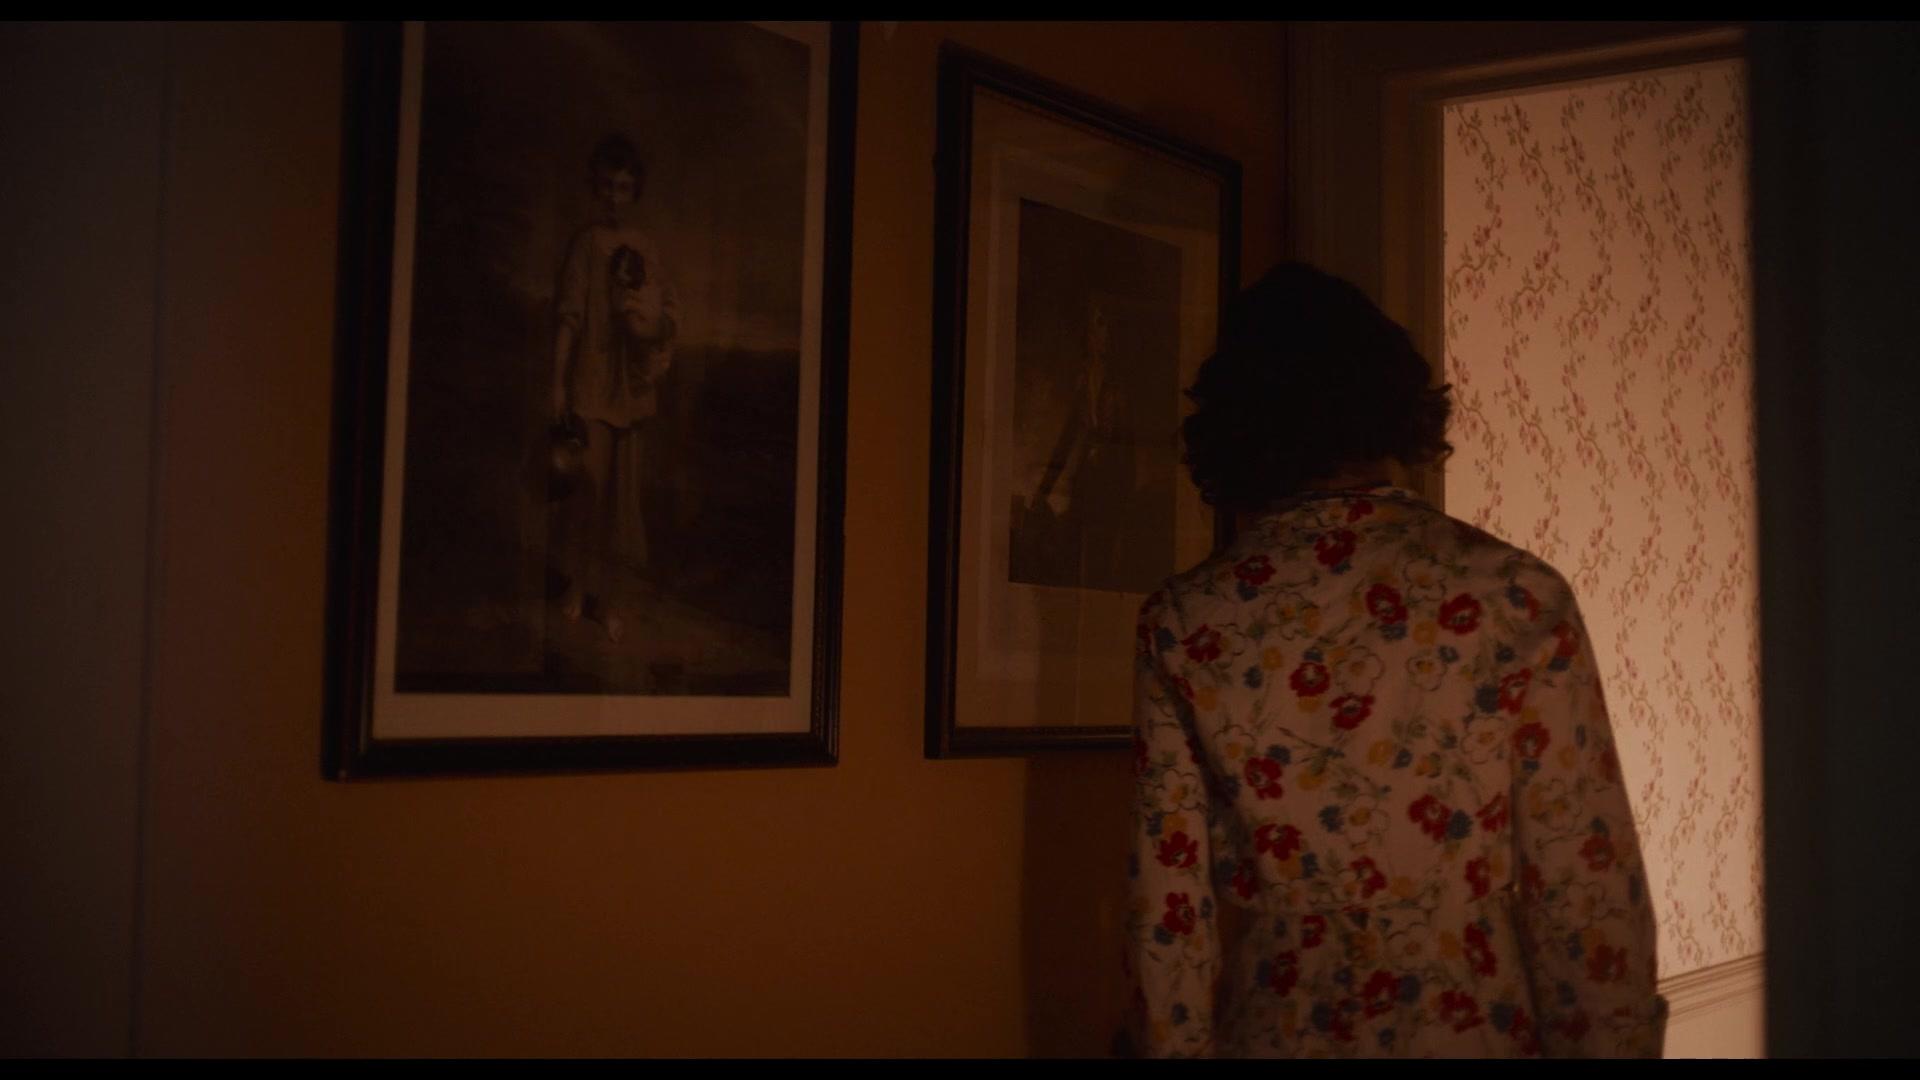 Новый трейлер фильма «Проклятие. Призраки дома Борли» – Трейлер (дублированный) 02:08 FullHD